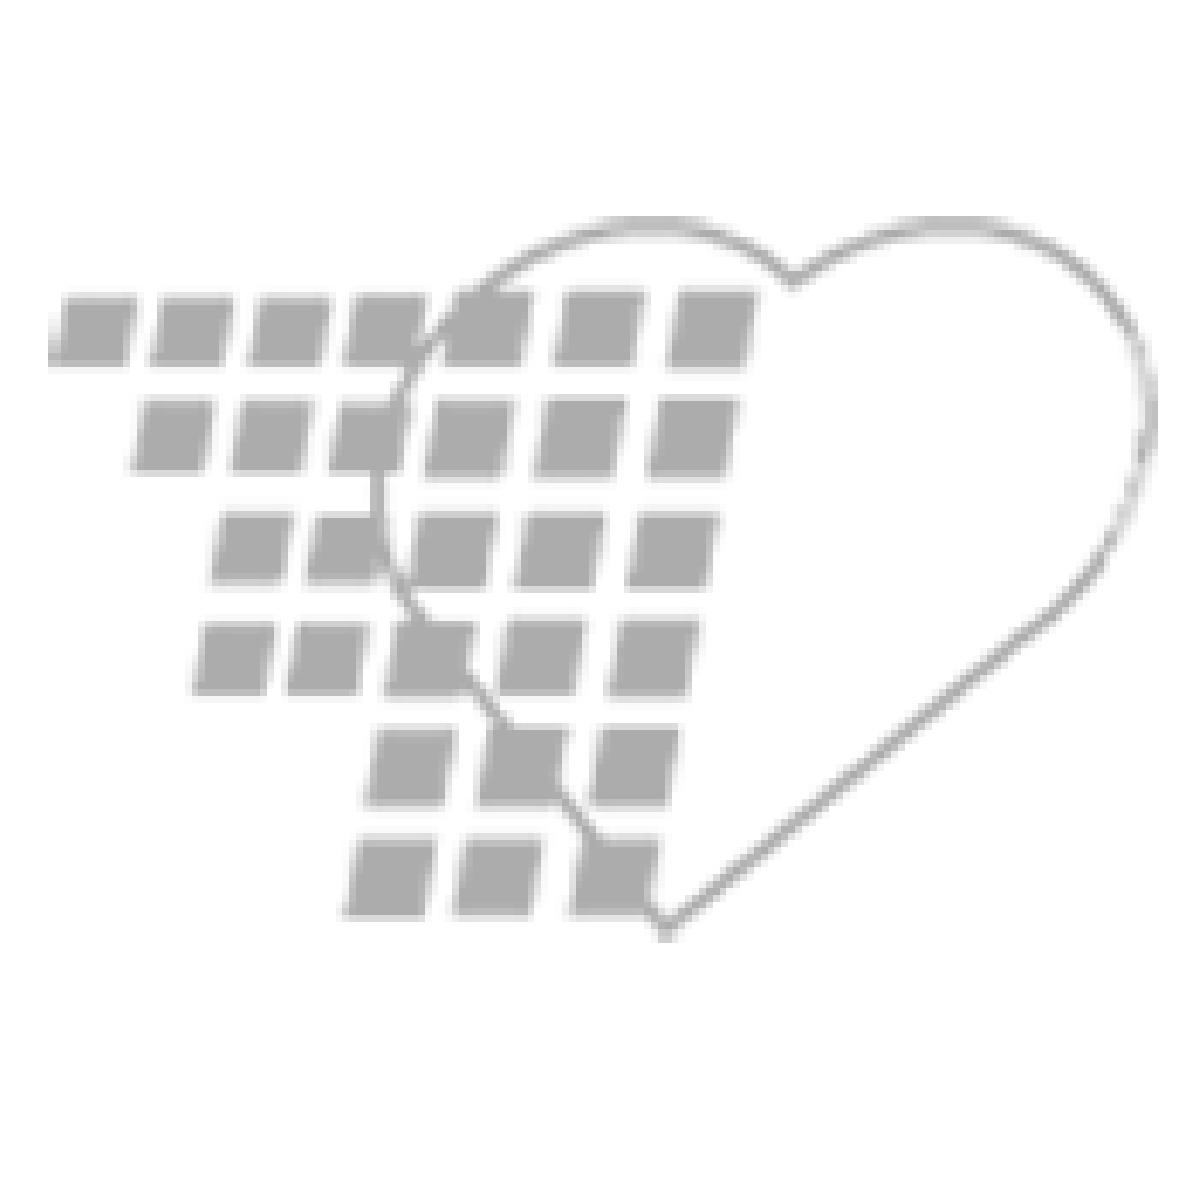 06-93-0422 - Demo Dose® 70% Dextros IV Fluid 1000 mL